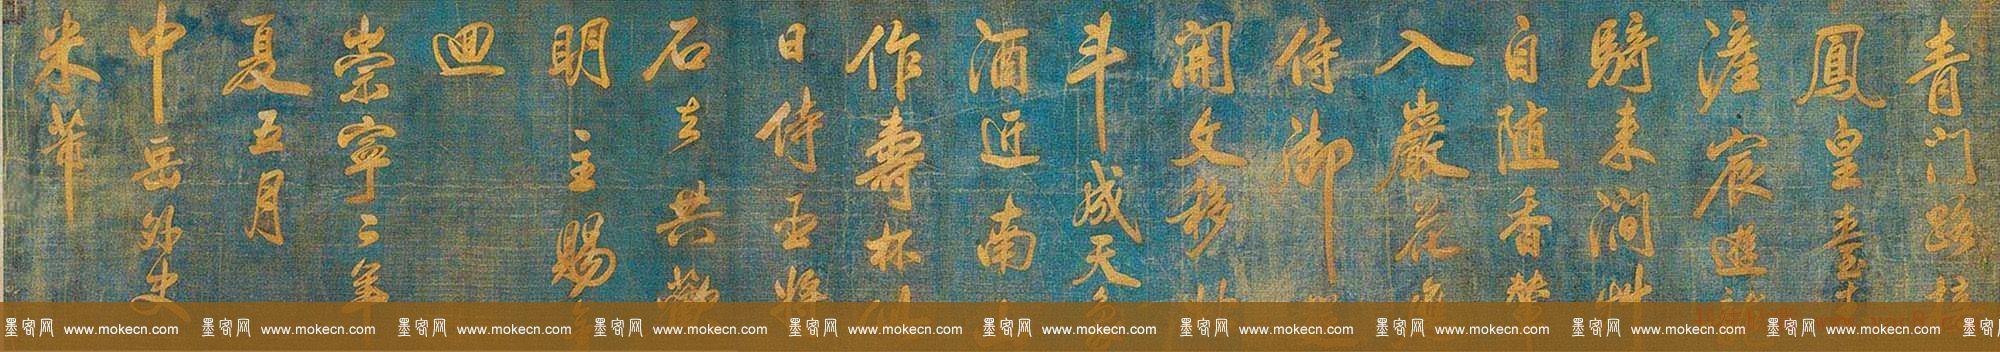 米芾行书欣赏蓝绢泥金七言诗卷